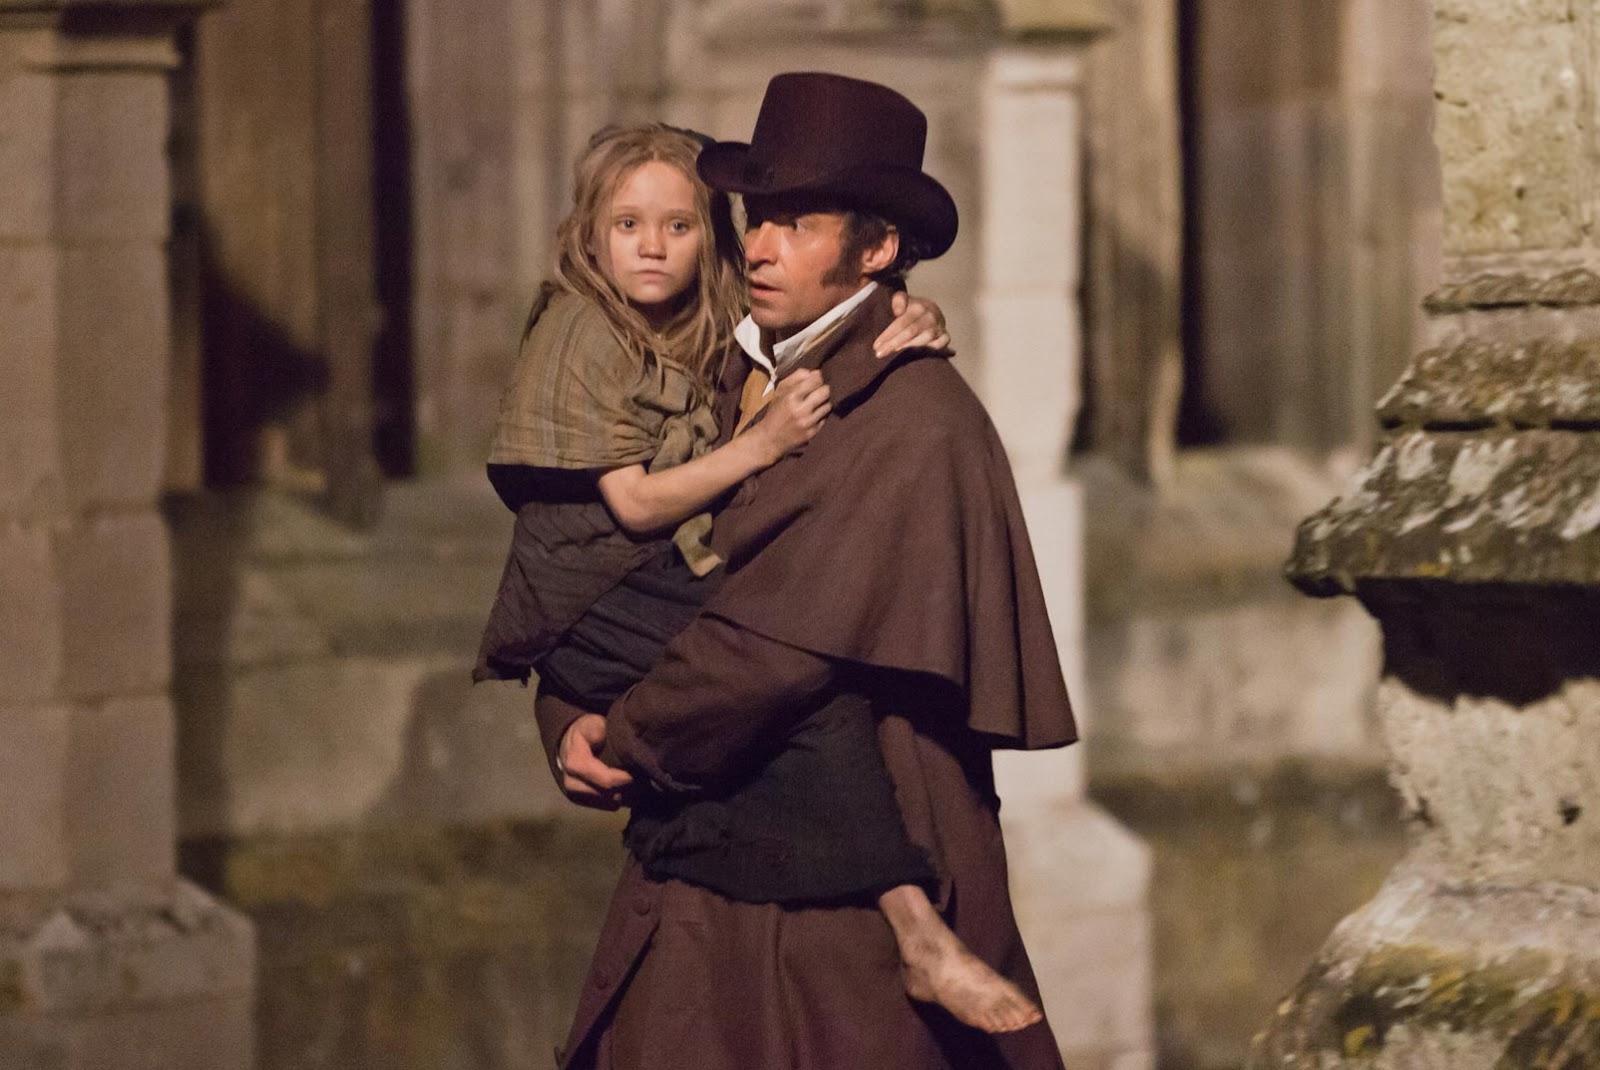 Les Miserables 7 25 Things You Didn't Know About Les Misérables (2012)